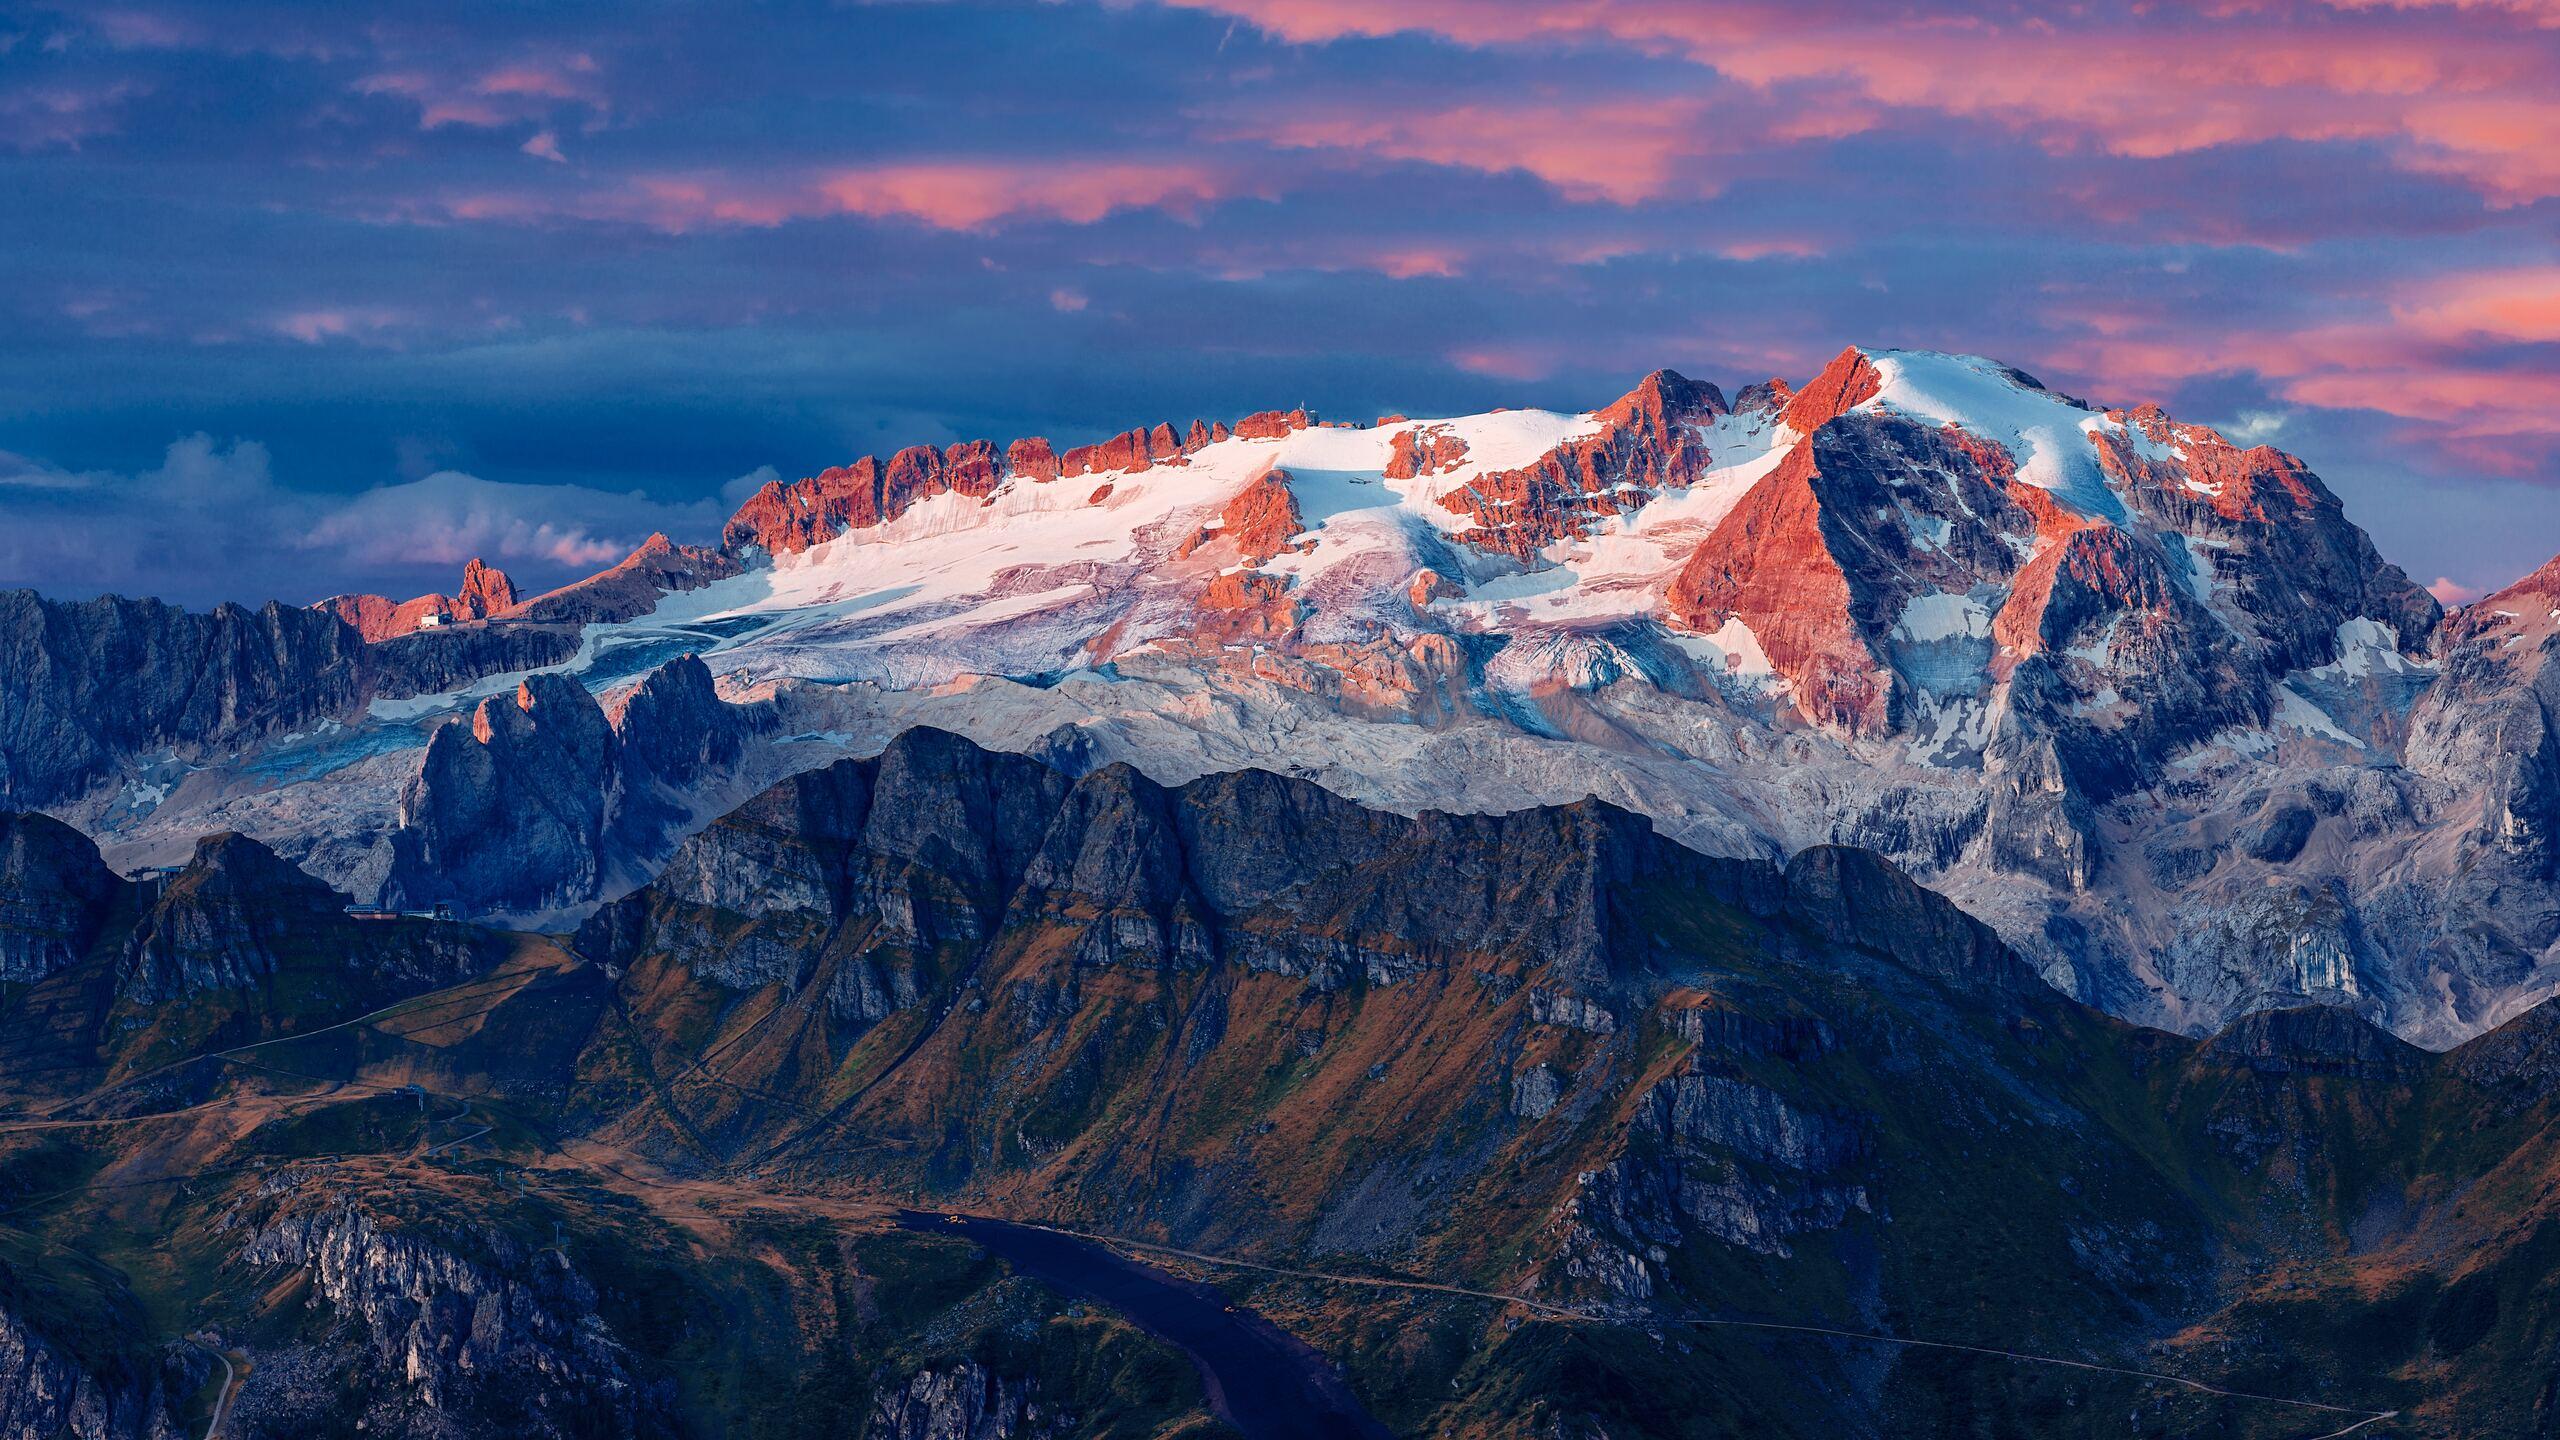 marmolada-glacier-in-italy-8k-6v.jpg